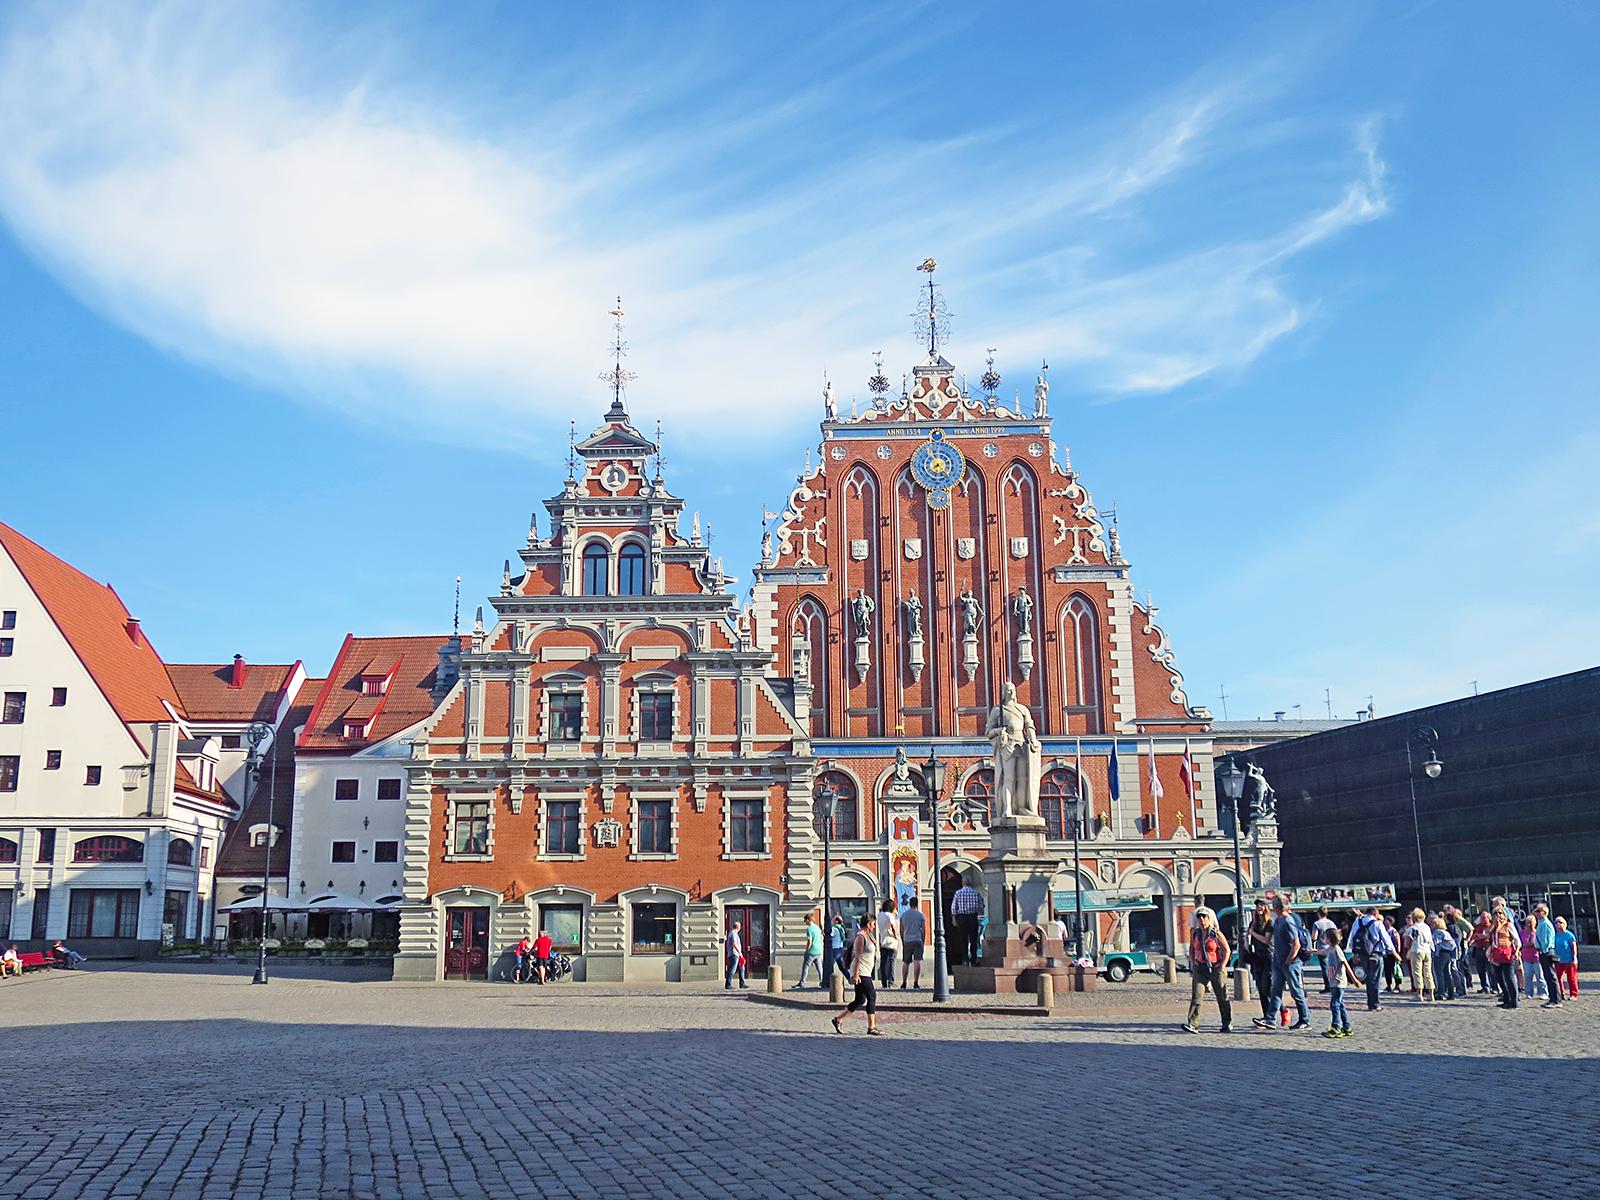 Riga statt Berlin: 11 Highlights für den perfekten Citytrip nach Riga